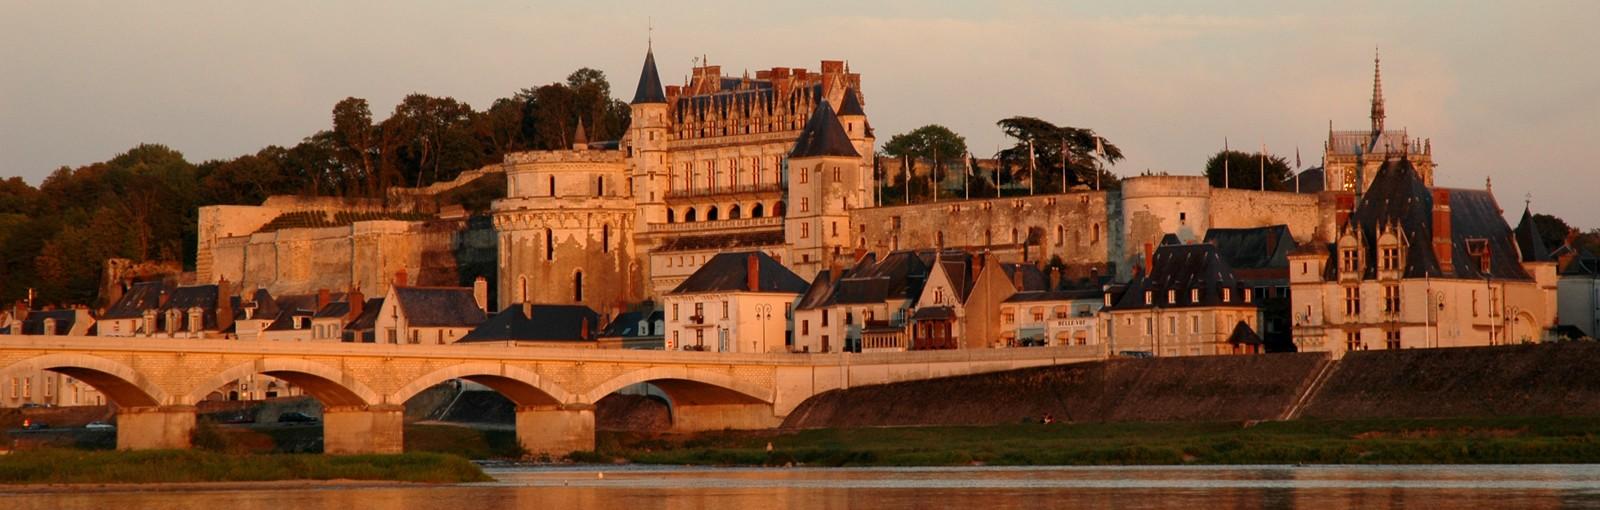 Tours LEONARD DE VINCI ET VINS D'AMBOISE - Journées complètes - Excursions au départ de Paris